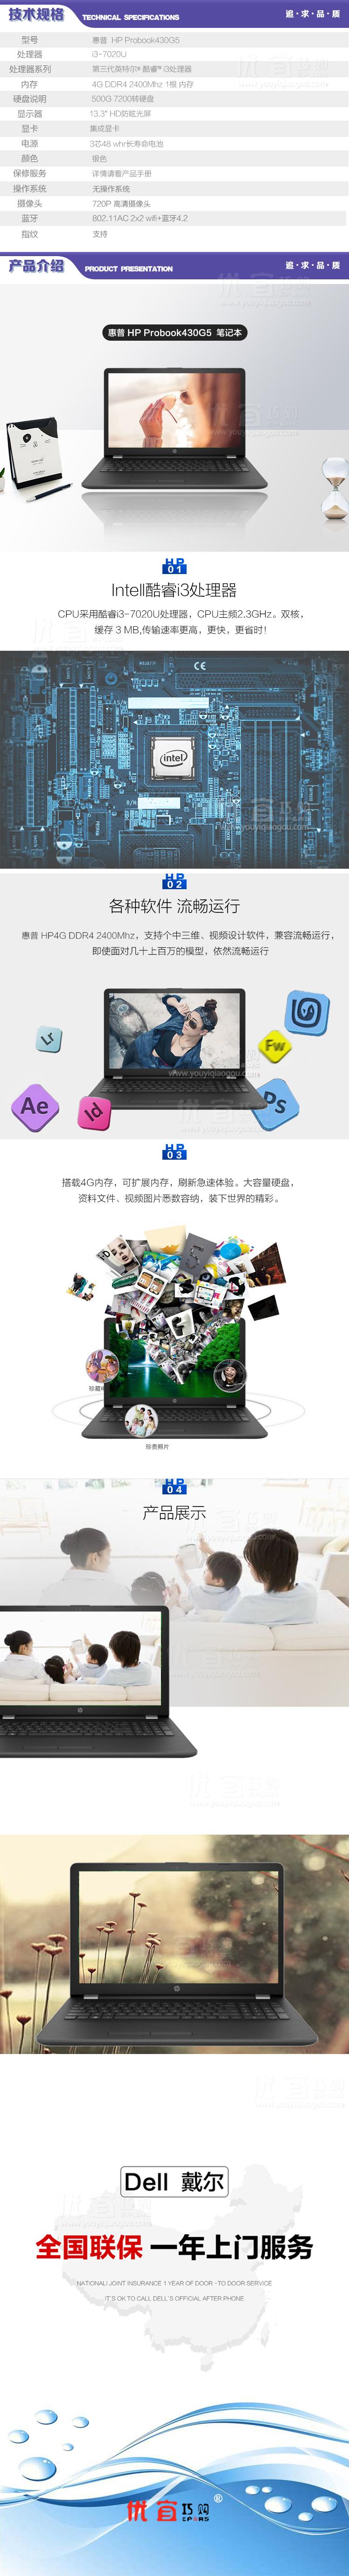 惠普 probook430G5 I3-7020 笔记本 拷贝.jpg